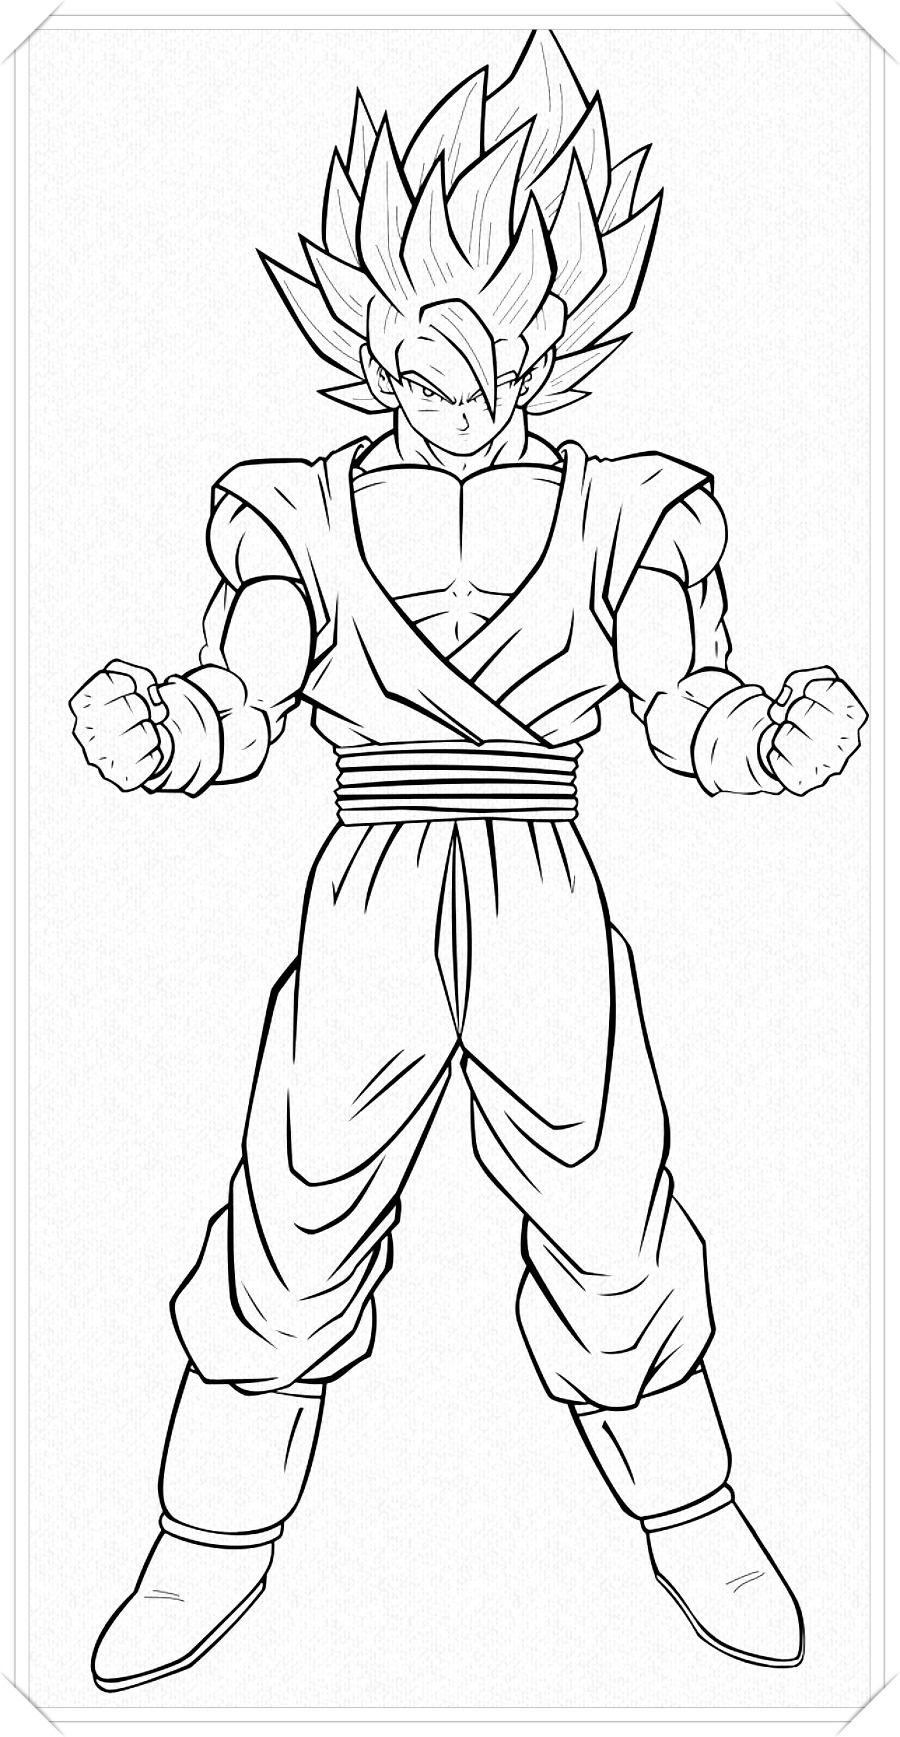 Los Más Lindos Dibujos De Goku Para Colorear Y Pintar A Todo